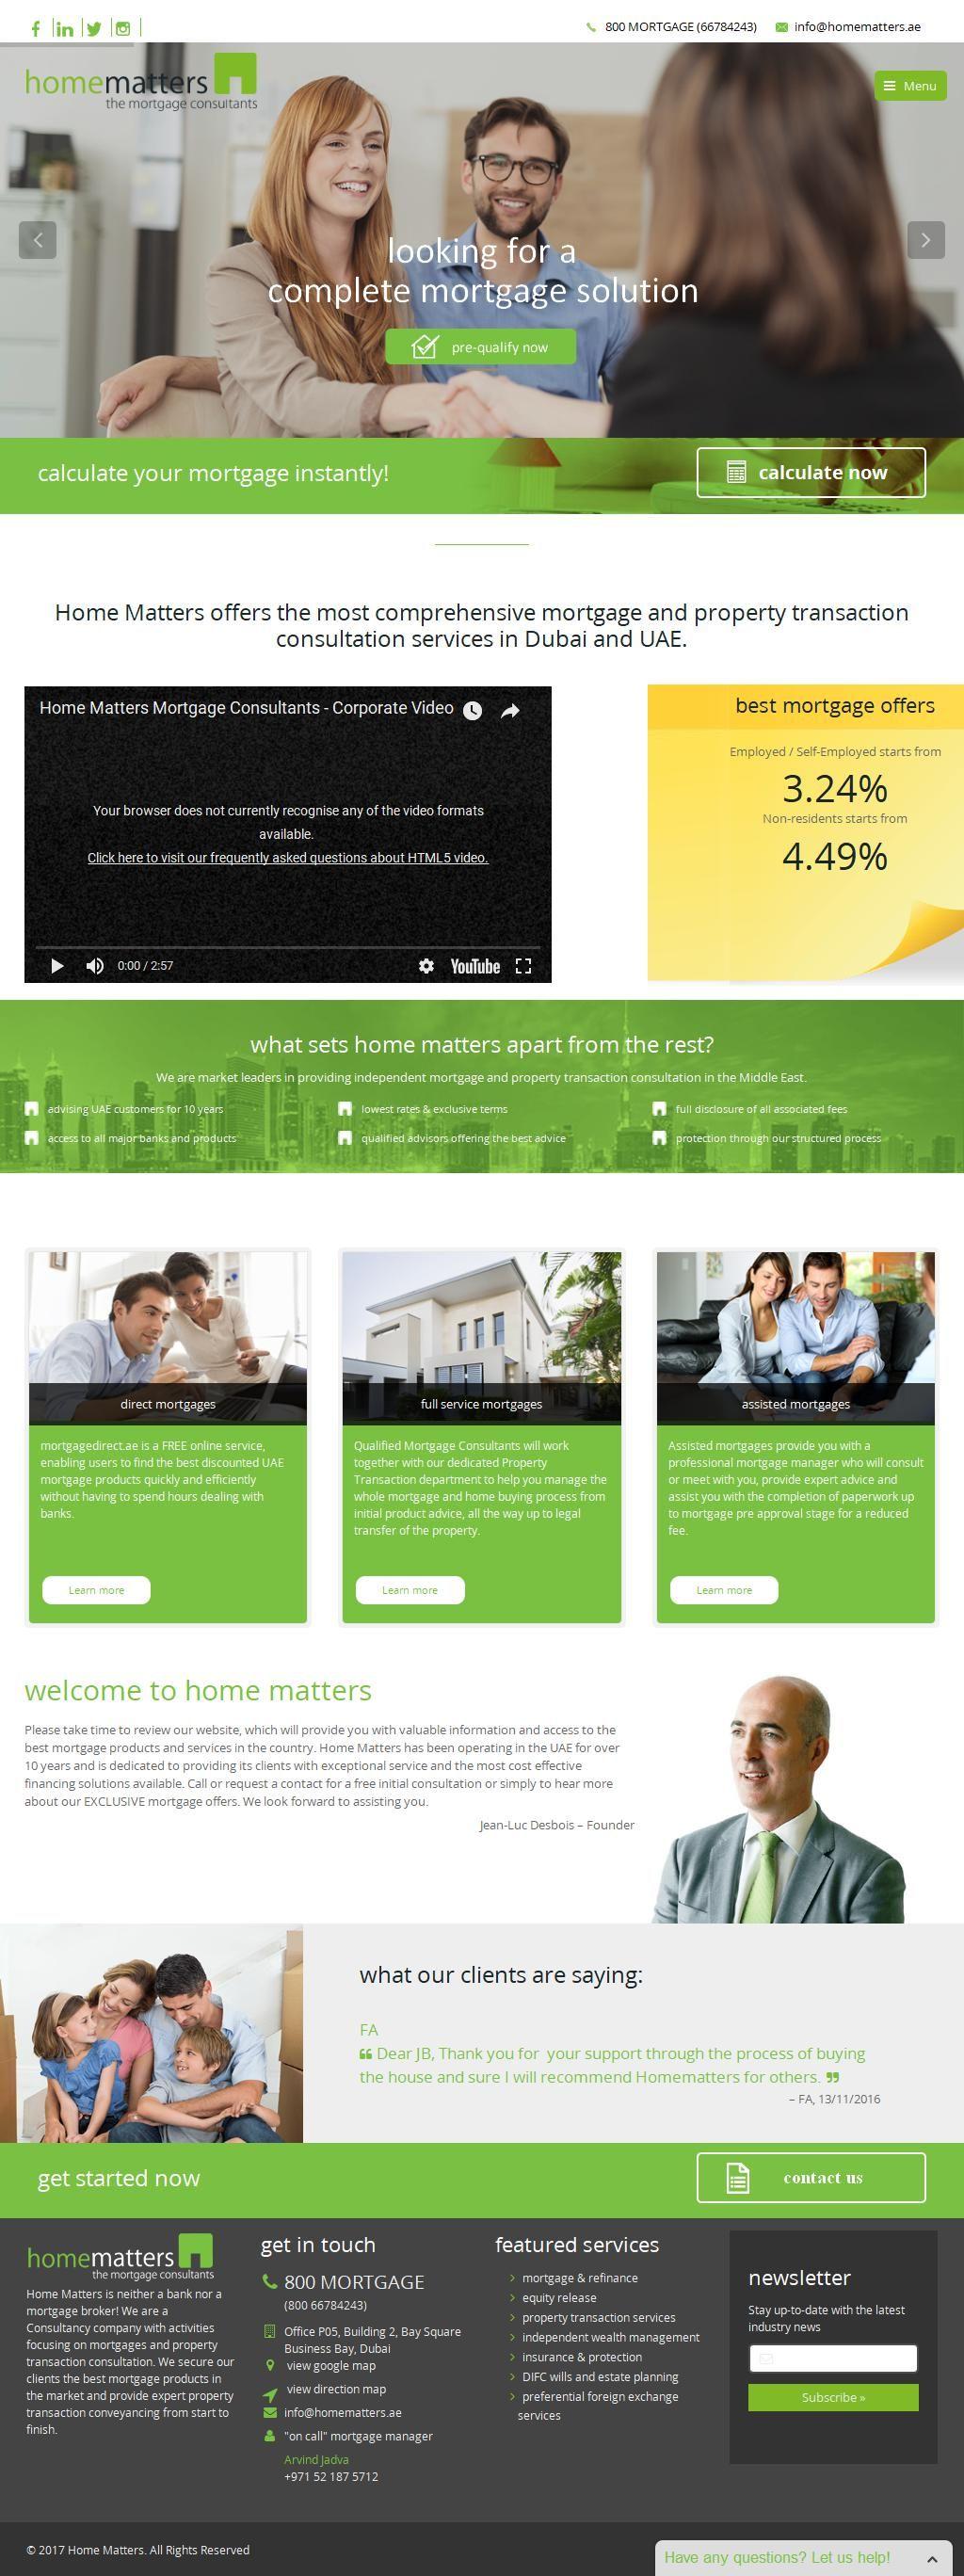 Home Matters Consultancy Company Bay Square 2 02 Al Asayel